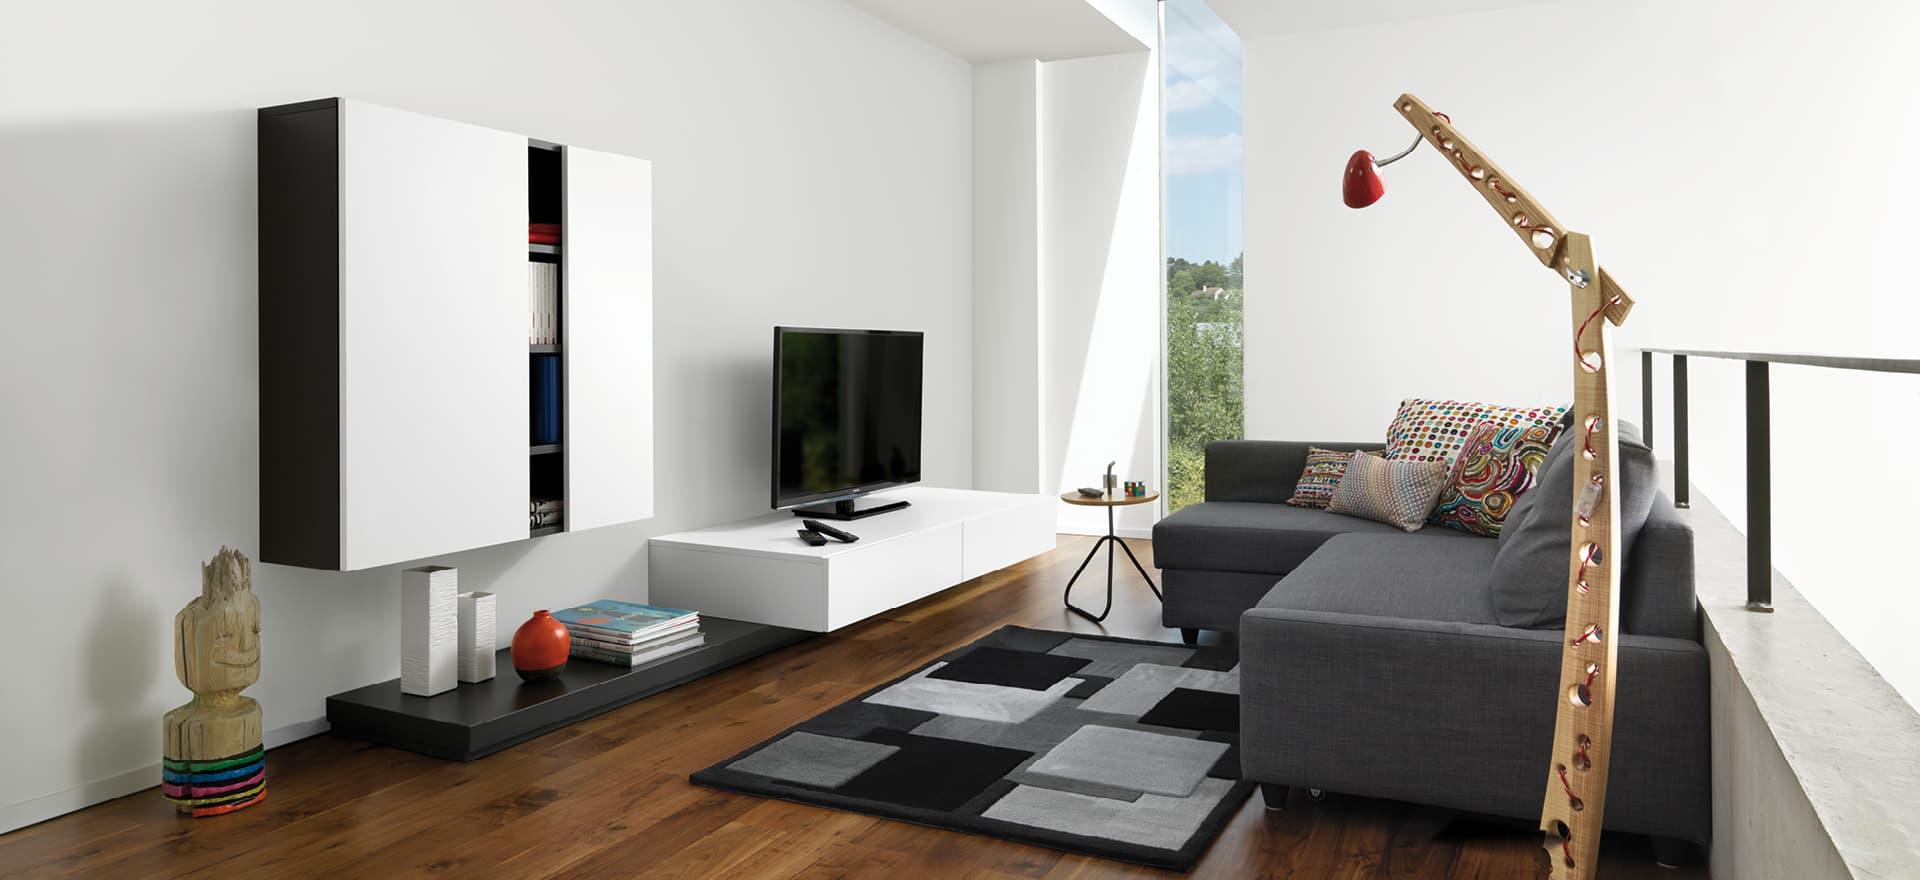 Wonderful Ideer til innredning av stuen | Schmidt Kjøkken, bad & Interiør AQ-84